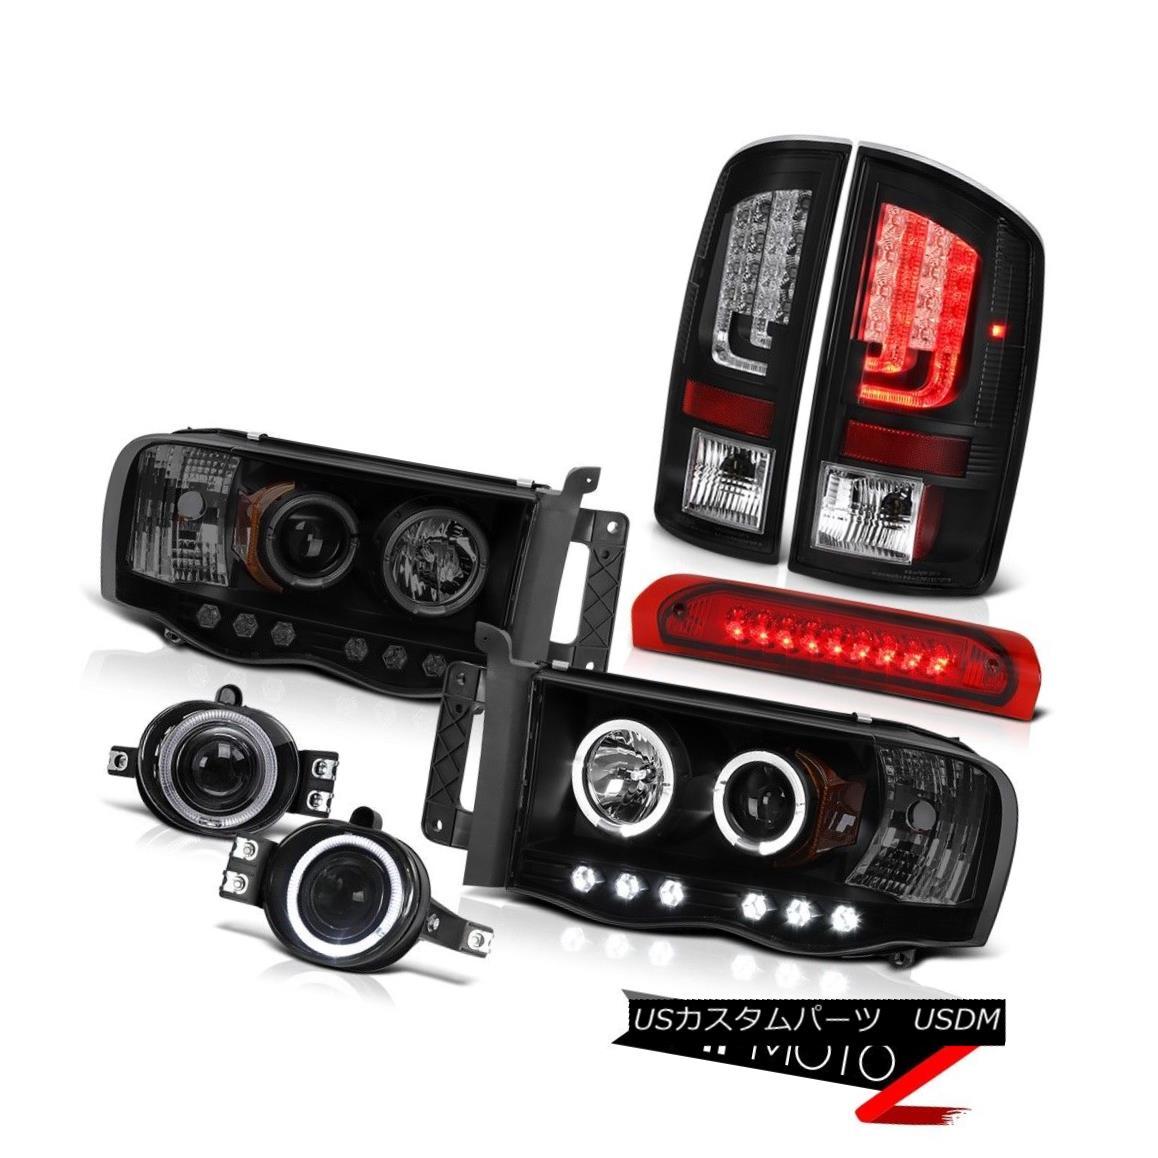 テールライト 02-05 Dodge Ram 1500 2500 Turbodiesel Tail Lights Headlights Fog Roof Cab Lamp 02-05 Dodge Ram 1500 2500 Turbodieselテールライトヘッドライトフォグルーフキャブランプ